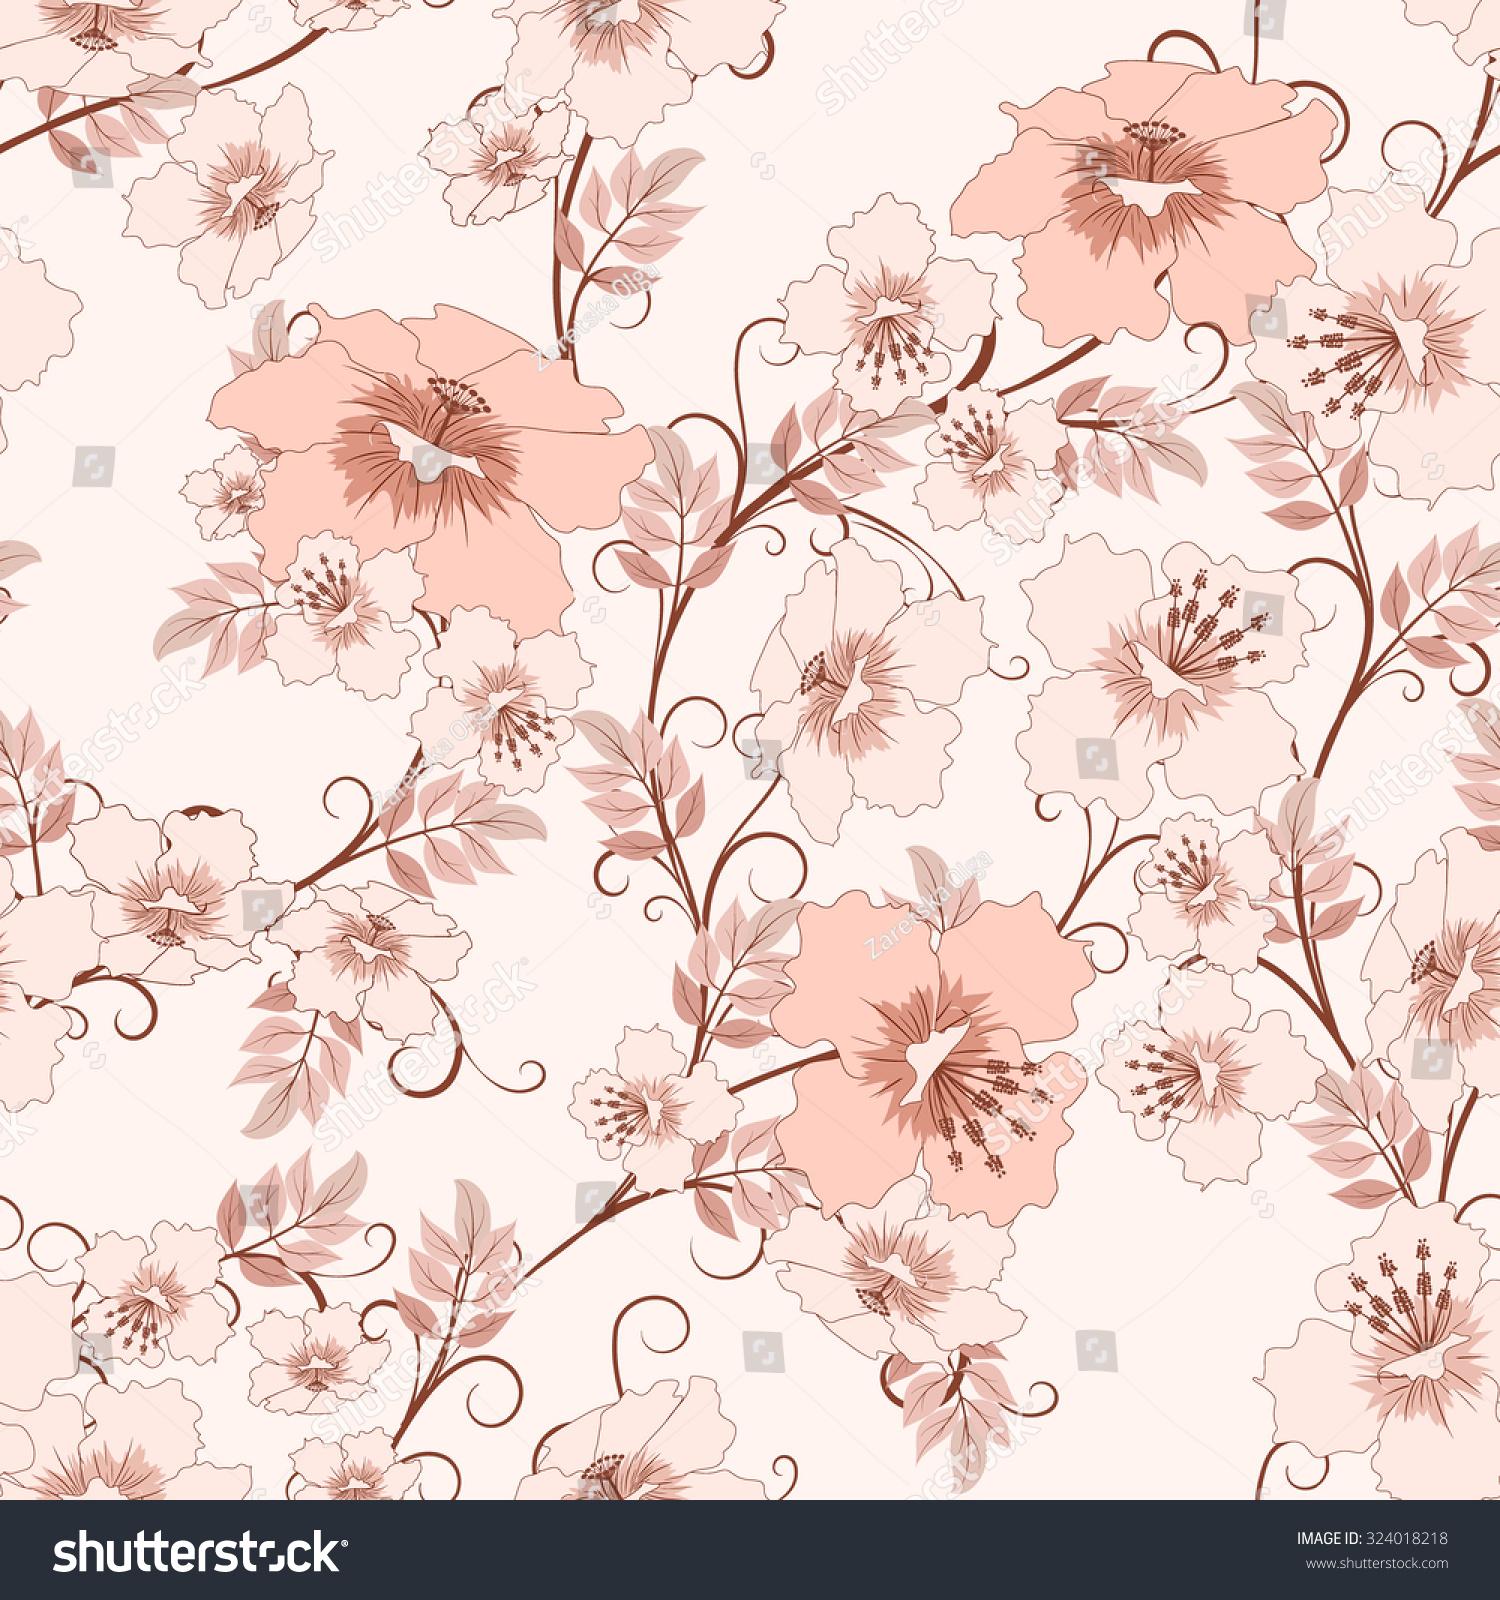 illustration soft floral - photo #17